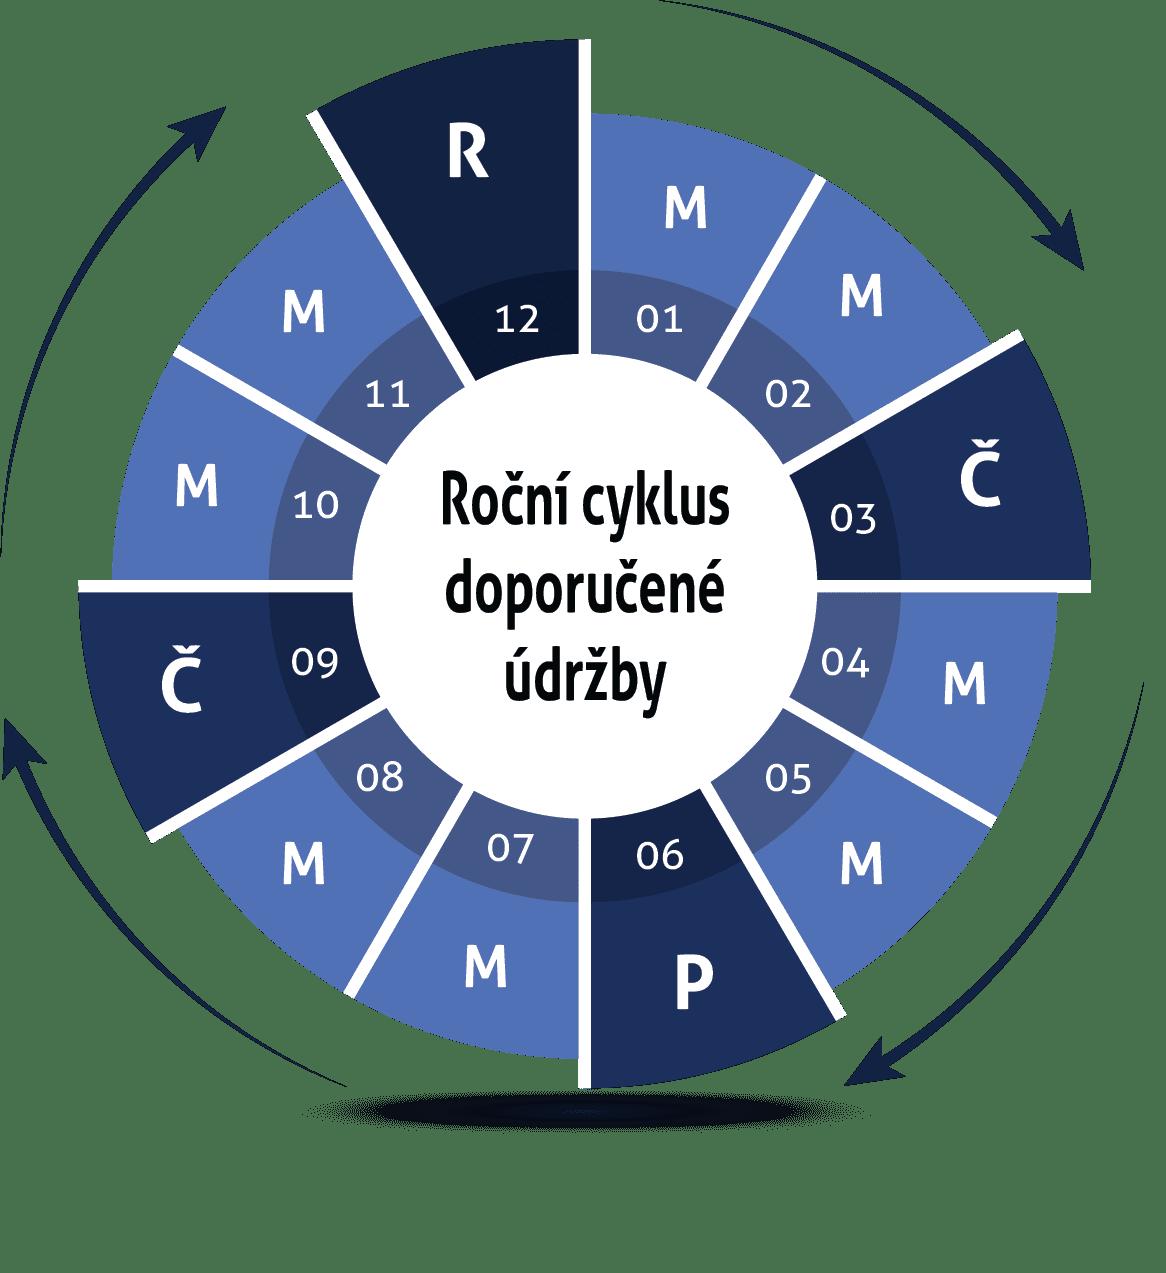 Roční cyklus předepsané údržby motorgenerátorů